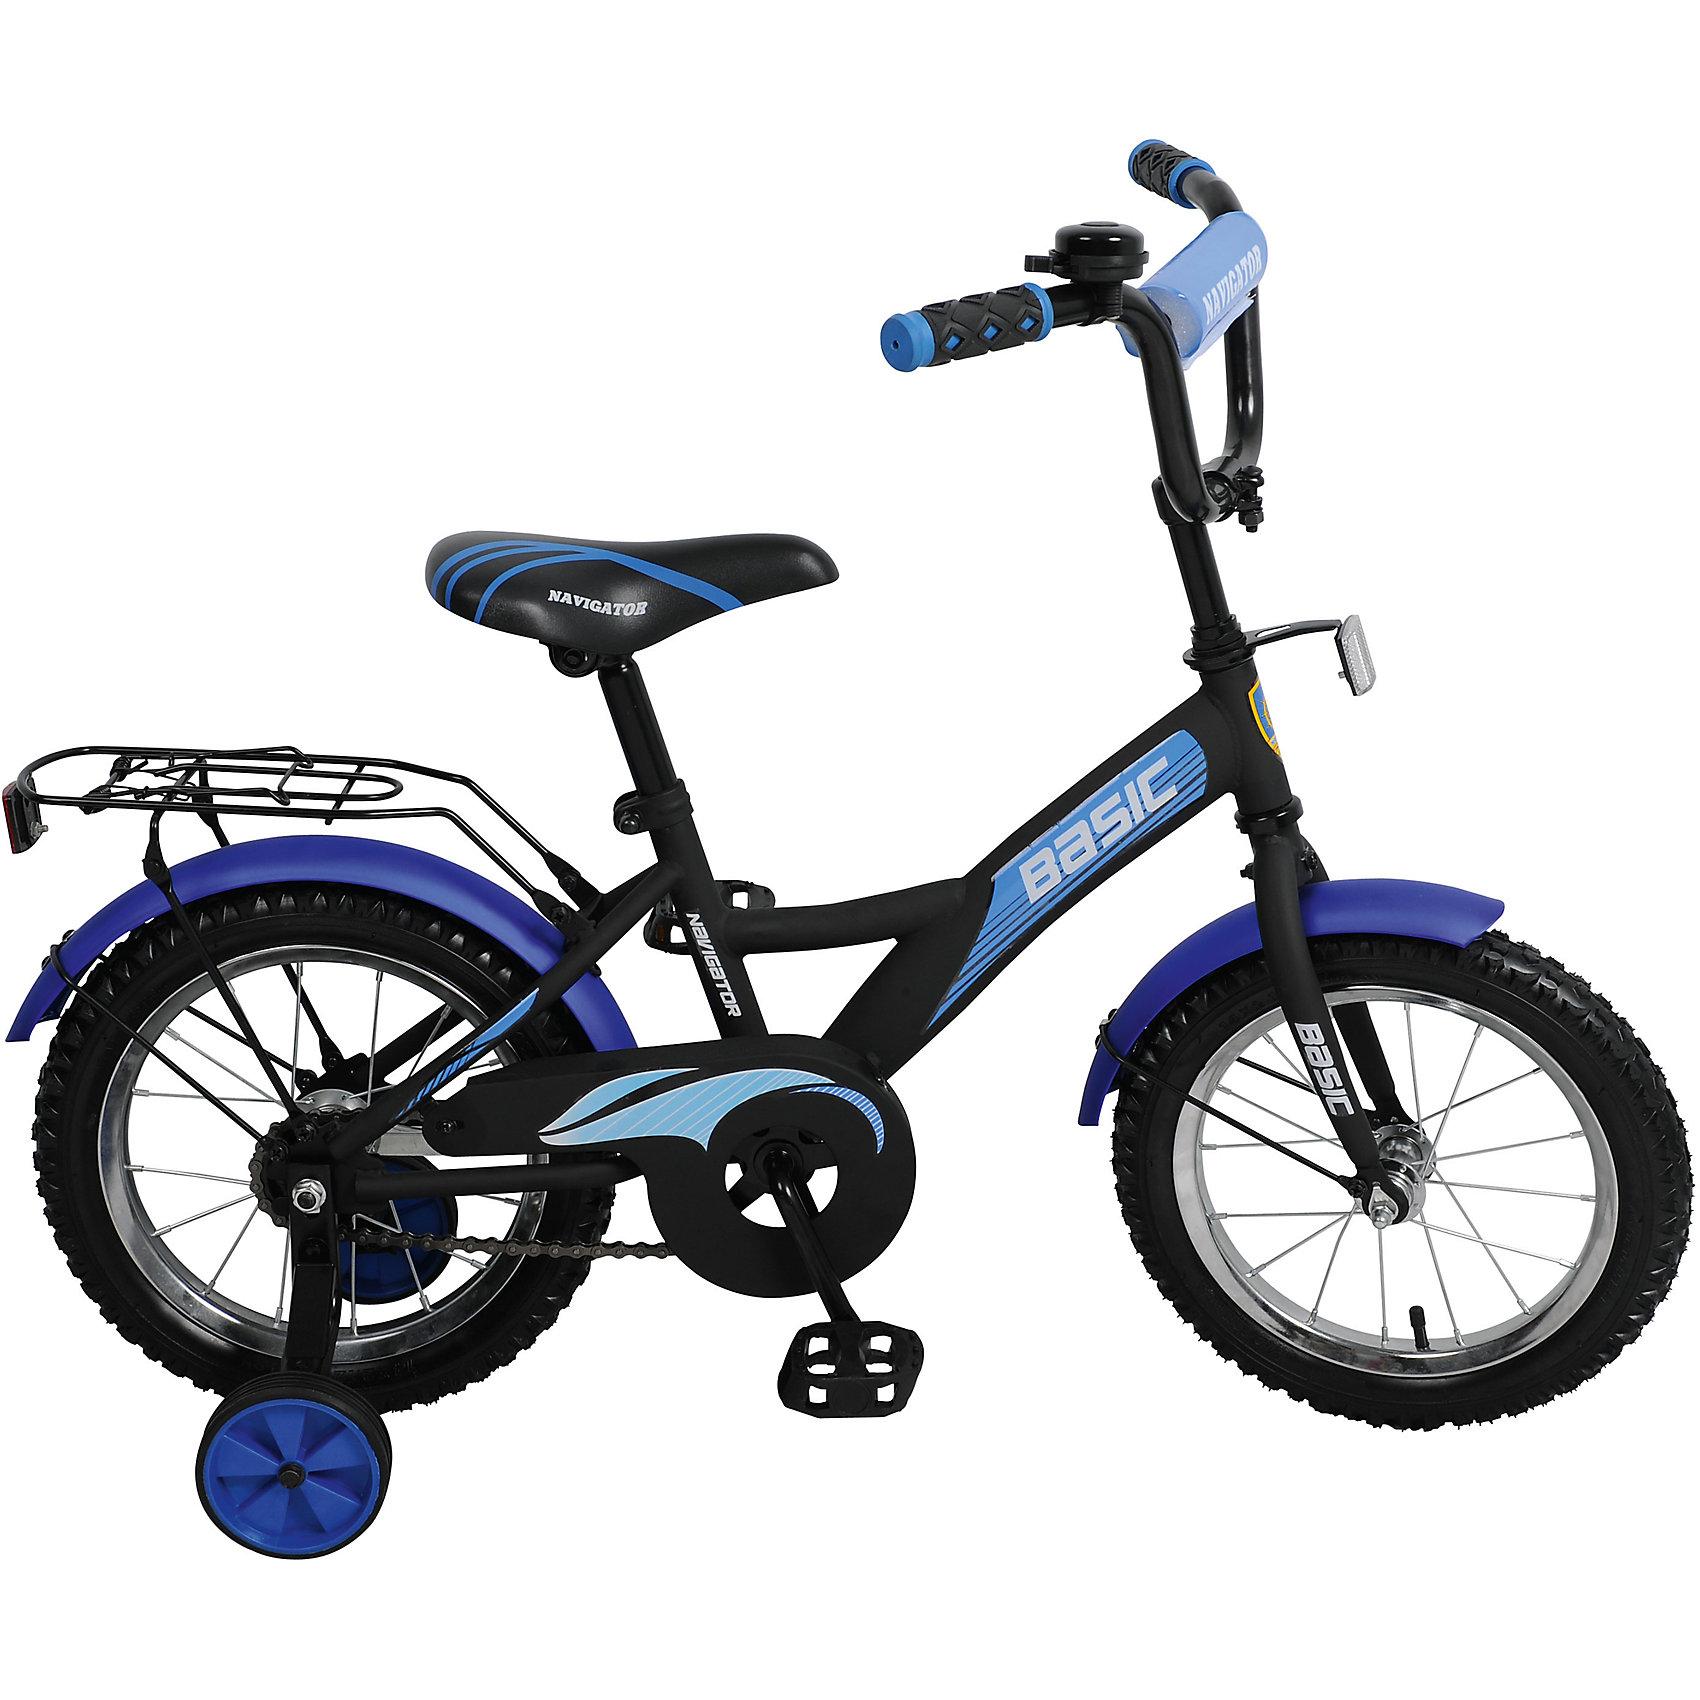 Двухколесный велосипед Basic, черно-синий, NavigatorВелосипеды детские<br><br><br>Ширина мм: 140<br>Глубина мм: 205<br>Высота мм: 35<br>Вес г: 326<br>Возраст от месяцев: 48<br>Возраст до месяцев: 2147483647<br>Пол: Унисекс<br>Возраст: Детский<br>SKU: 5595088